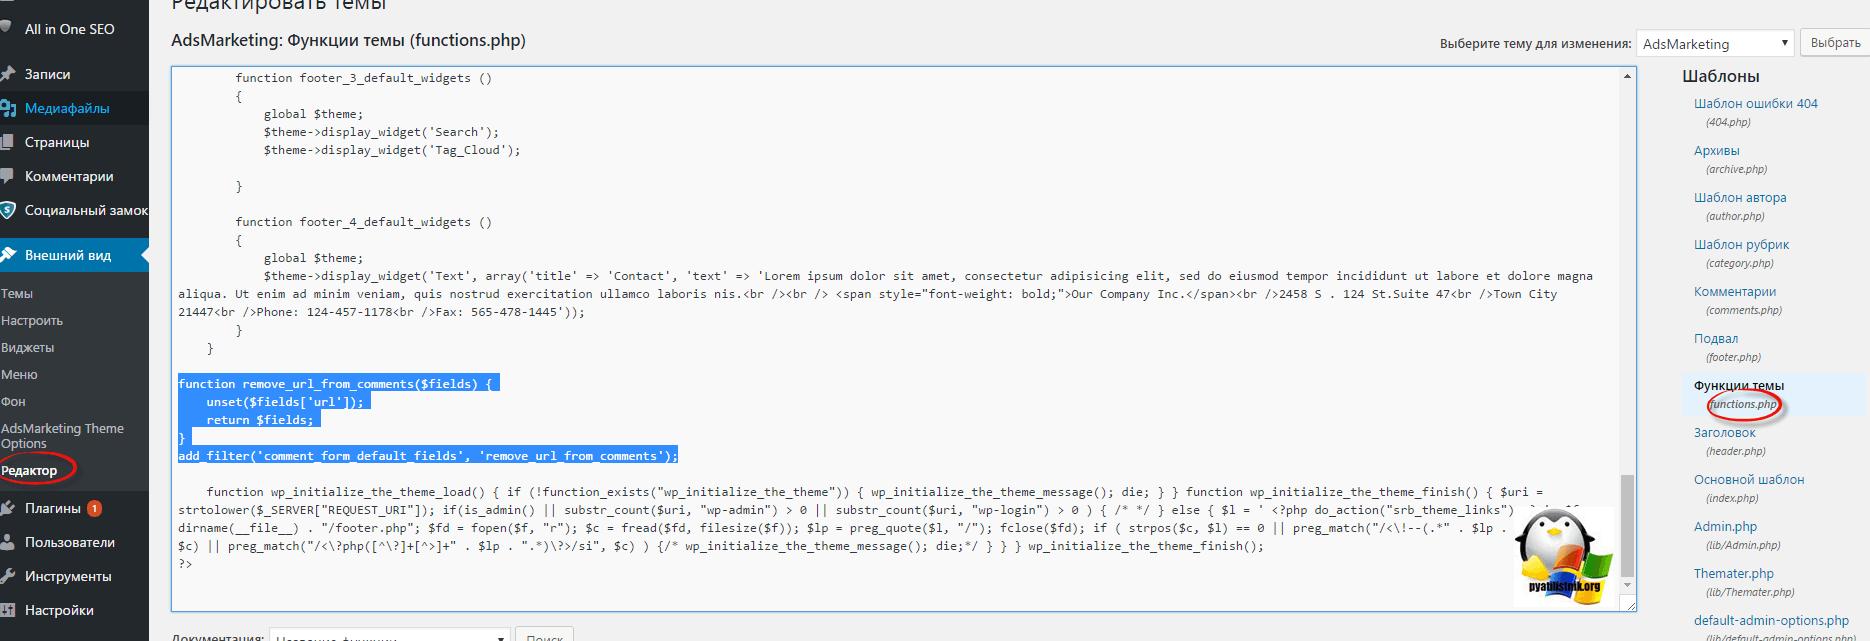 Как удалить поле сайт в форме комментариев-2